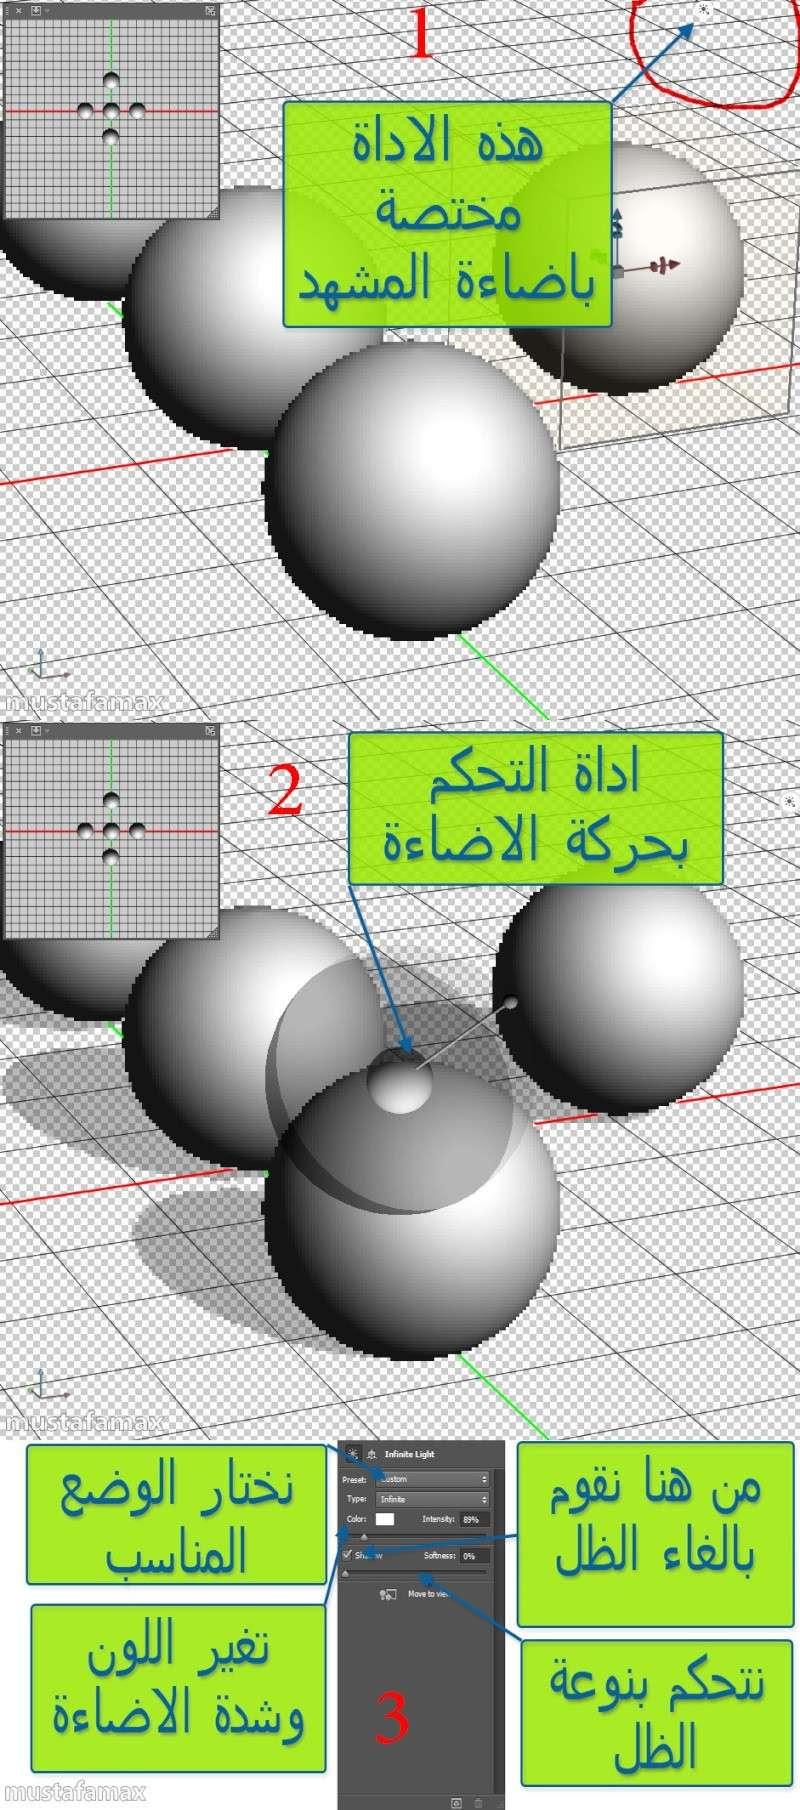 شرح الأضافة 3d في الفوتوشوب cs6